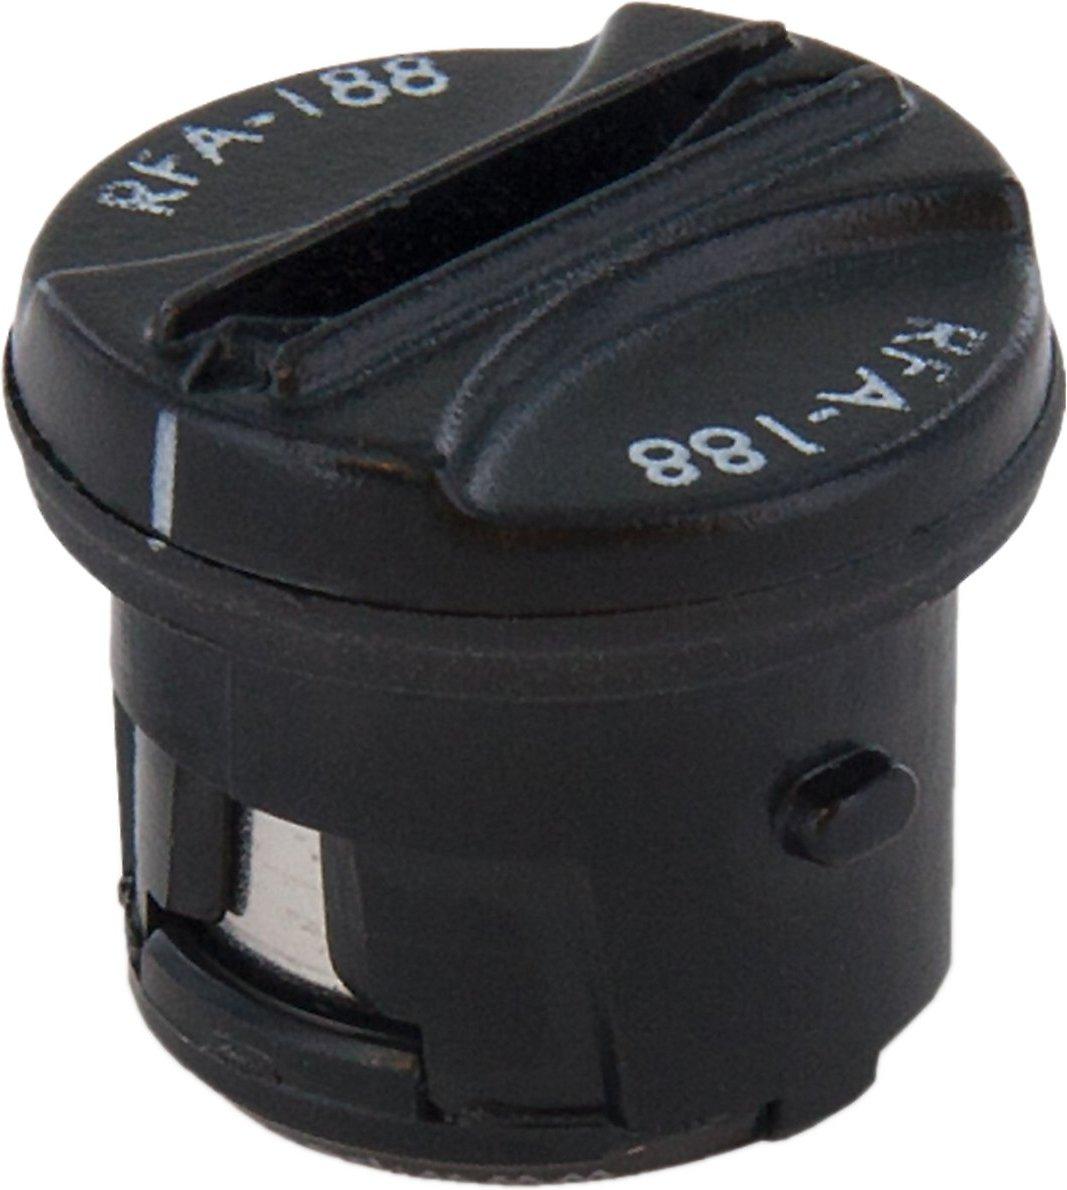 PetSafe 3-Volt RFA-188 Replacement Battery